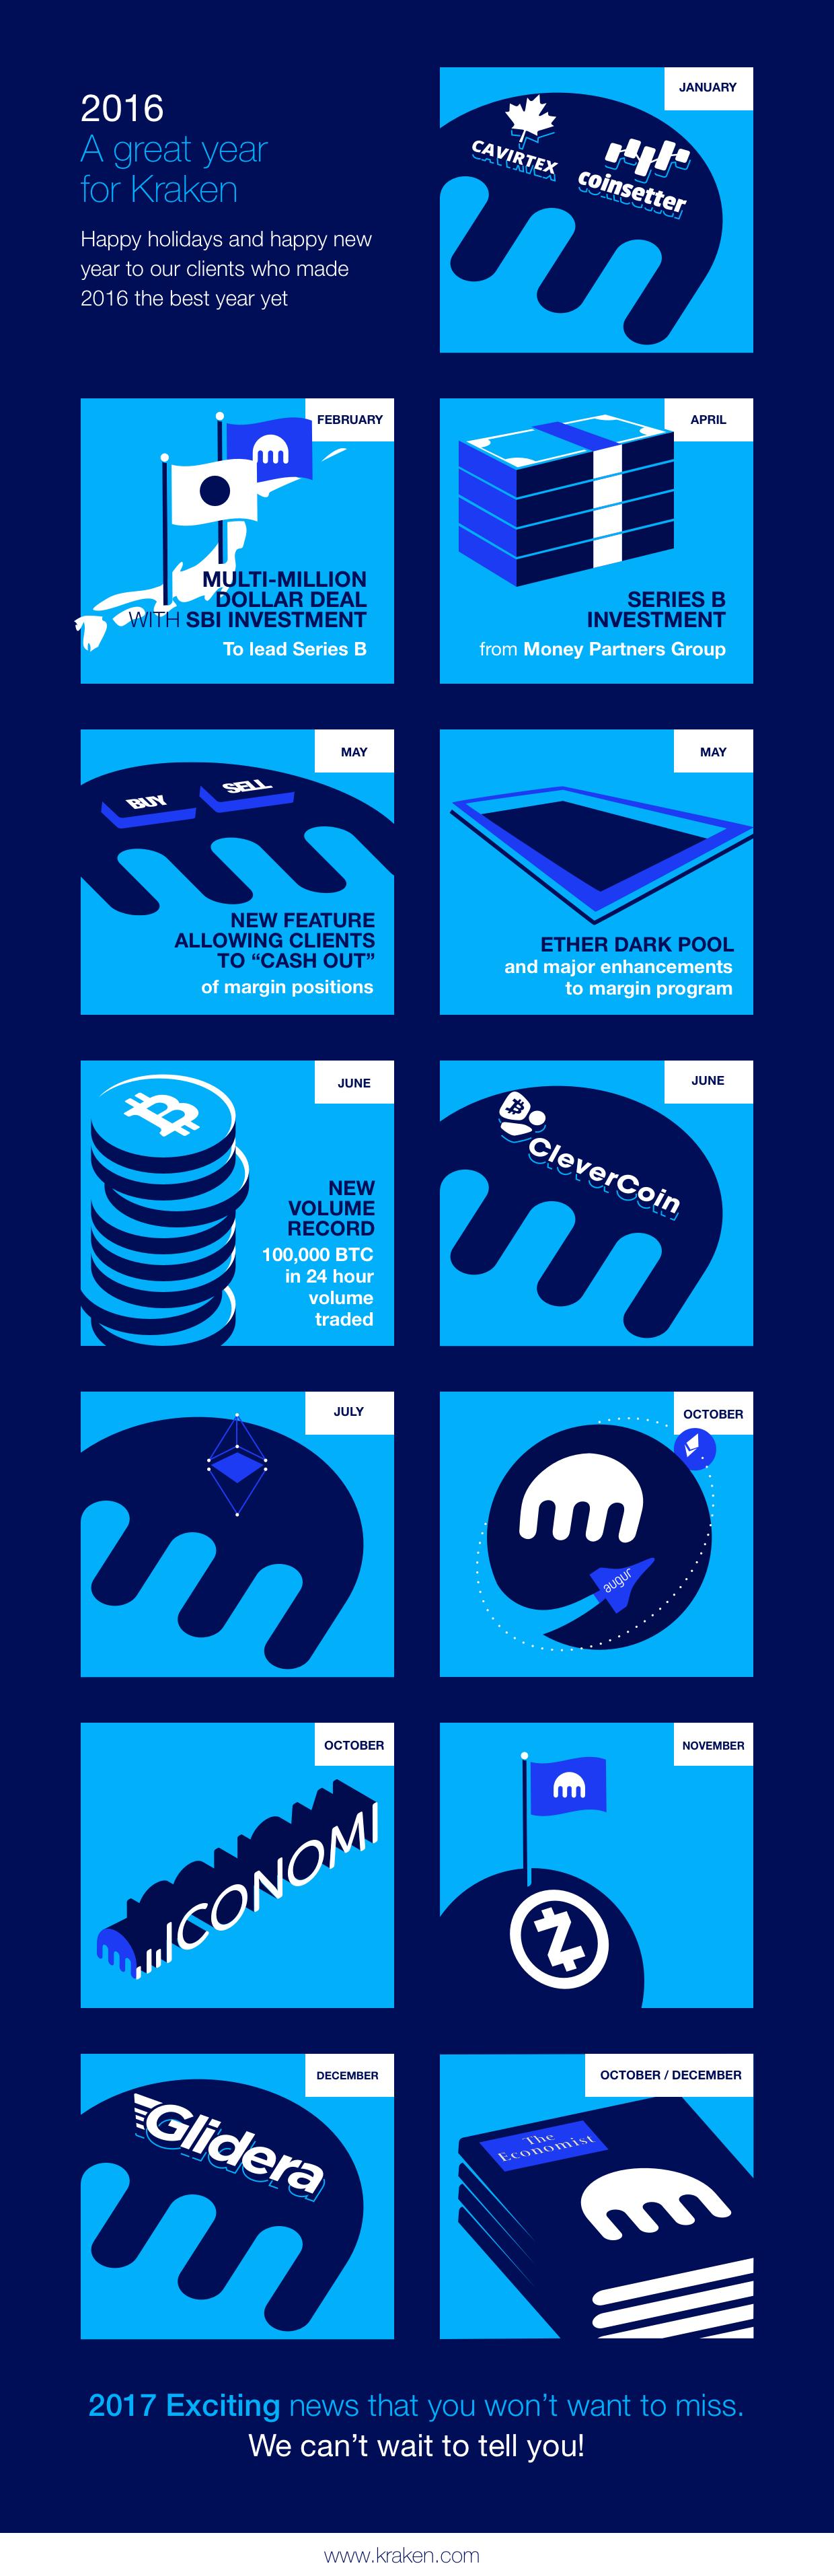 kraken 2016-infographic-v2 (1)